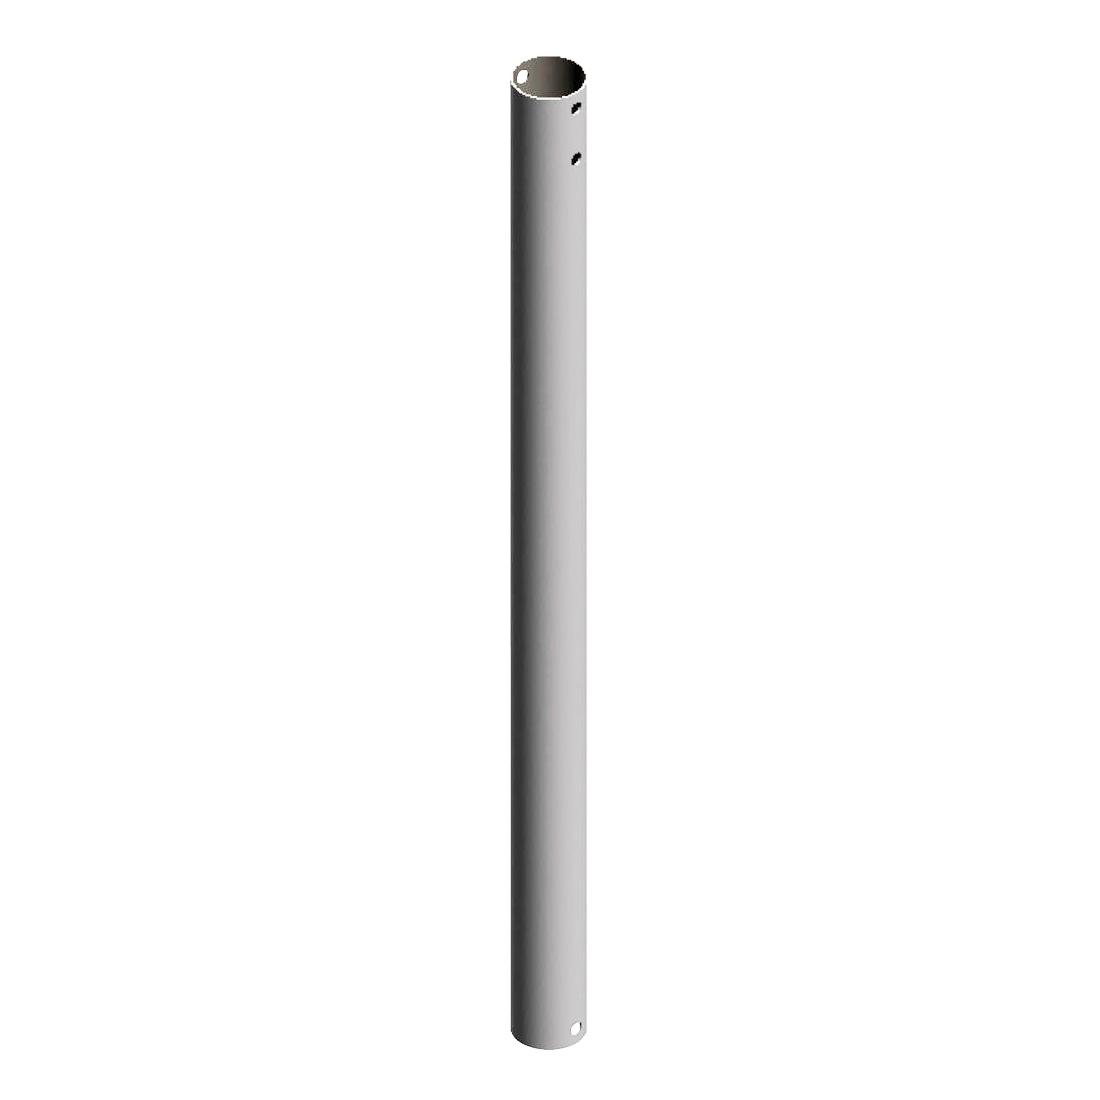 Peerless-AV MOD-P150-W - Штанга диаметром 50,8 мм, длина 1500 мм